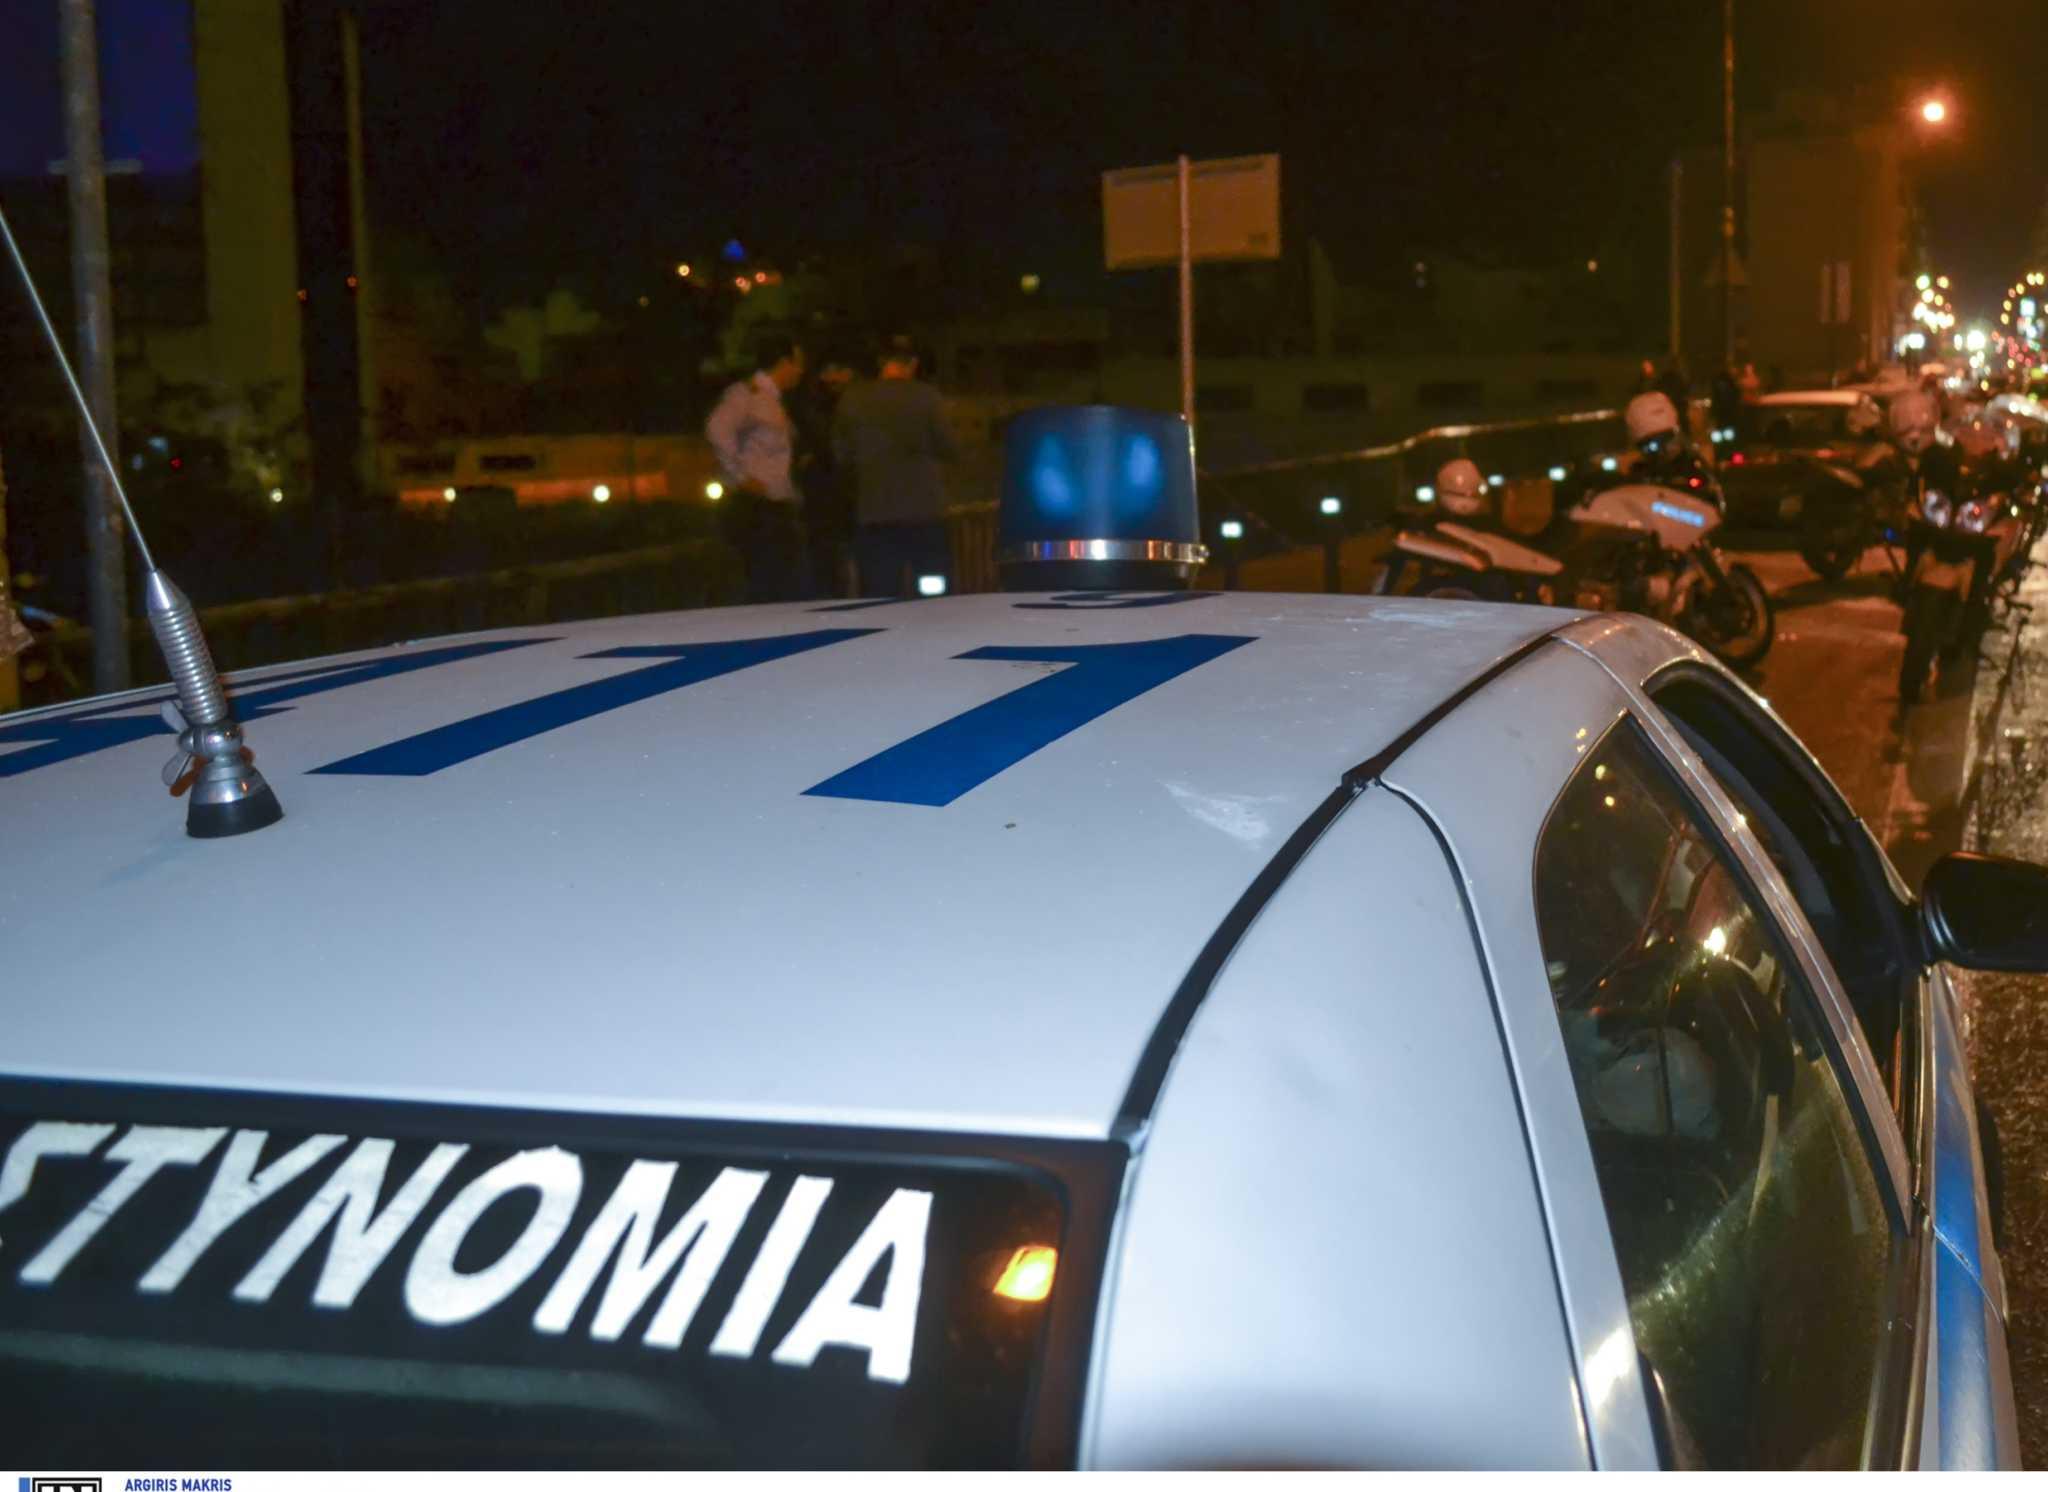 Επίθεση με γκαζάκια στα γραφεία της «Zeus + Dione» που άνηκε στη Μαρέβα Μητσοτάκη